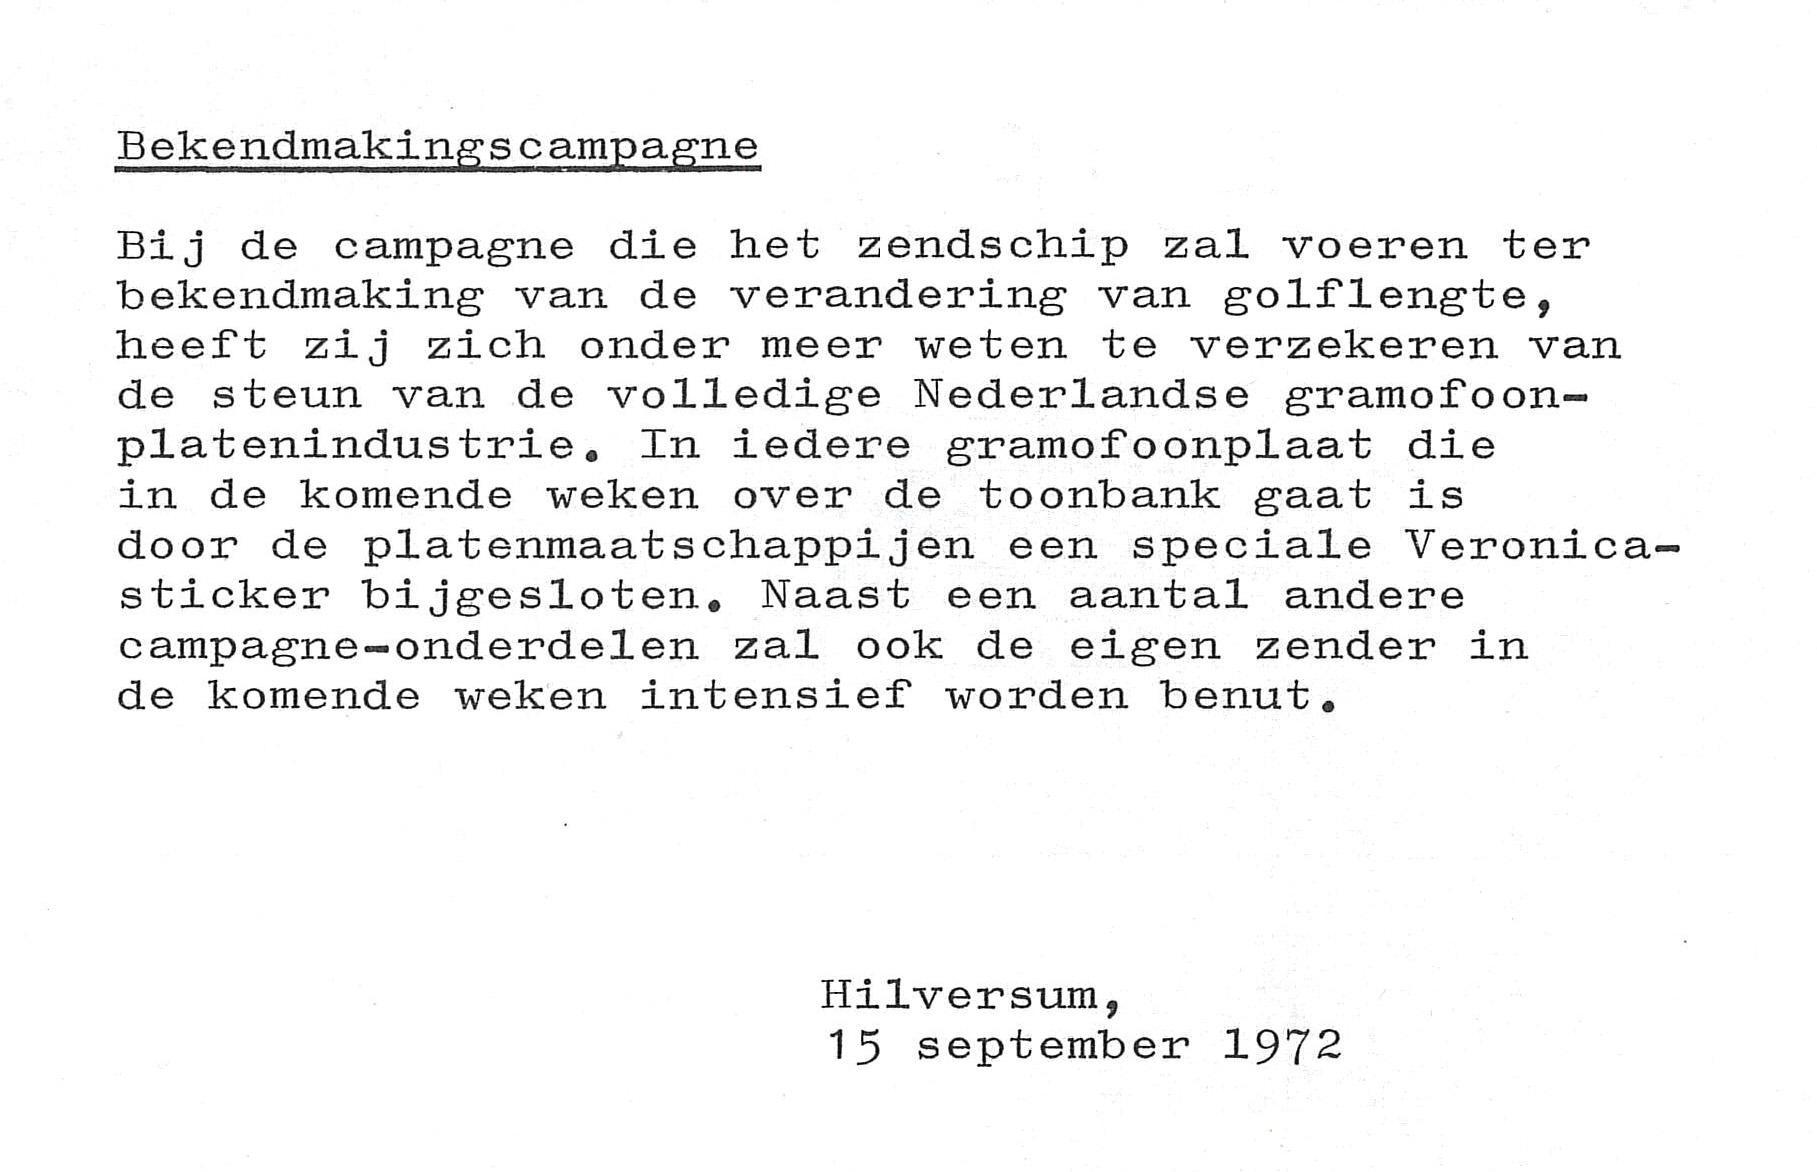 19720915_Directie persbericht frequentiewissel 04.jpg